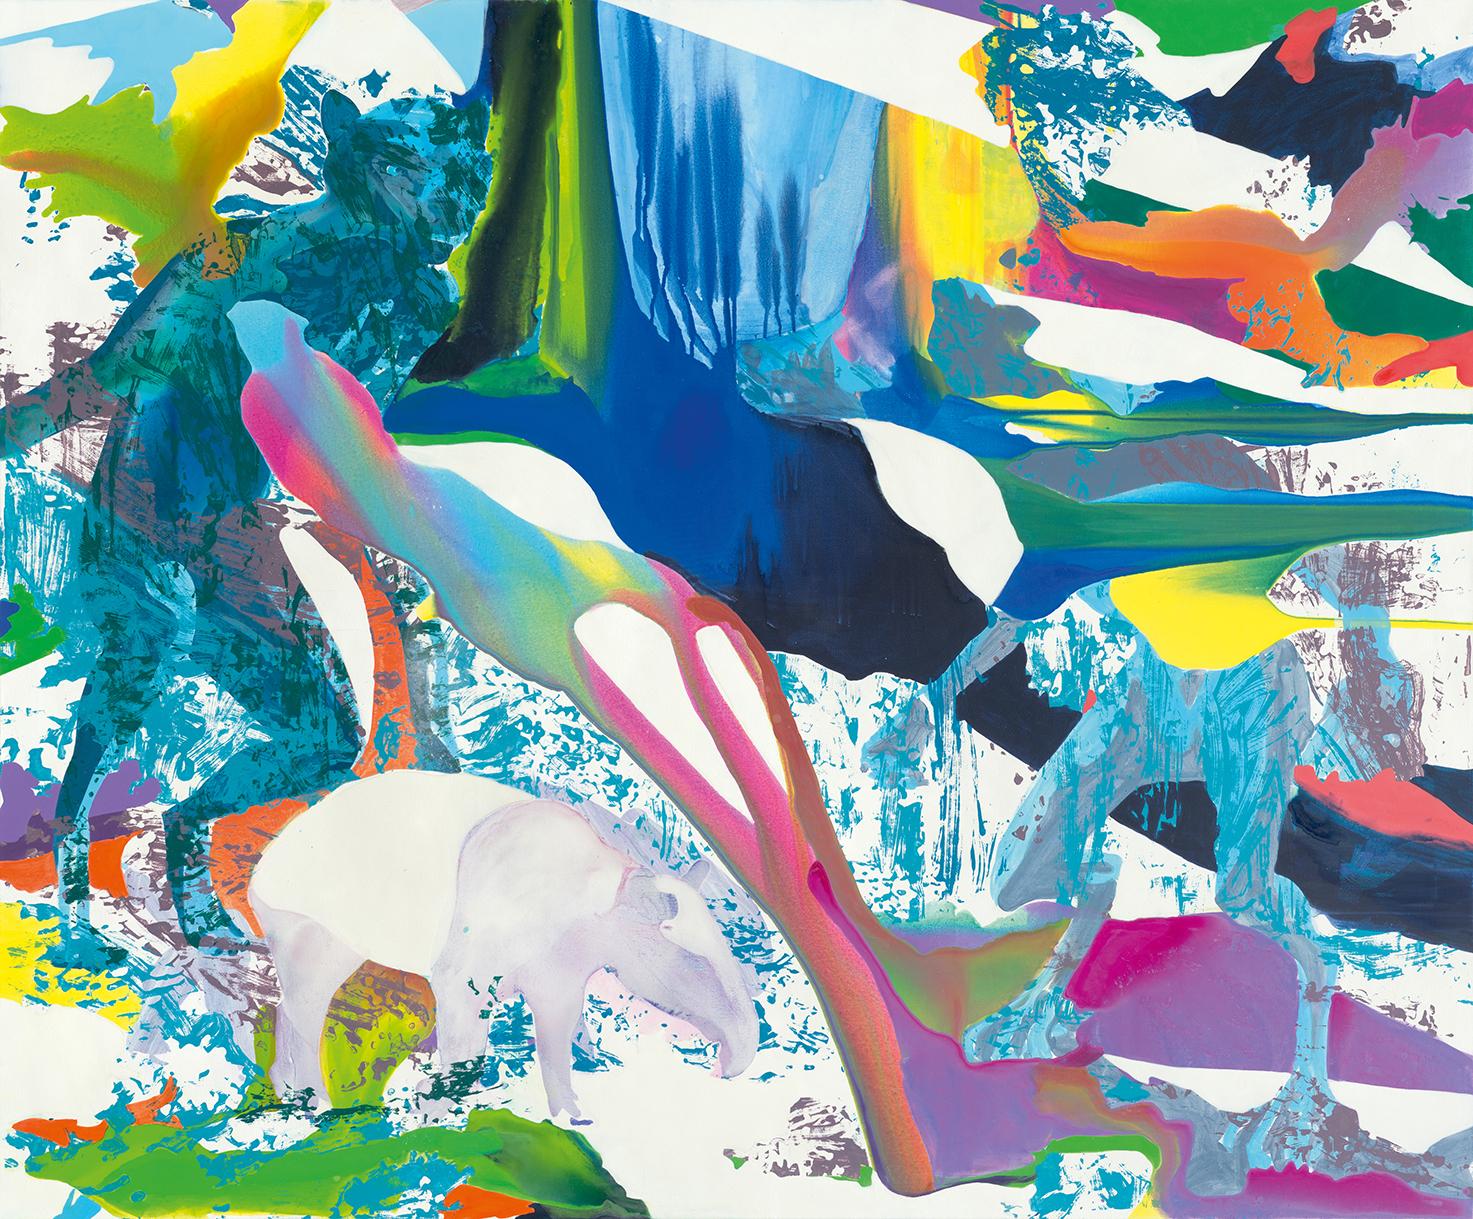 Mein Werwolf | Tusche, Acryl, Öl und Linoldruck auf Leinwand | 180 x 220 cm